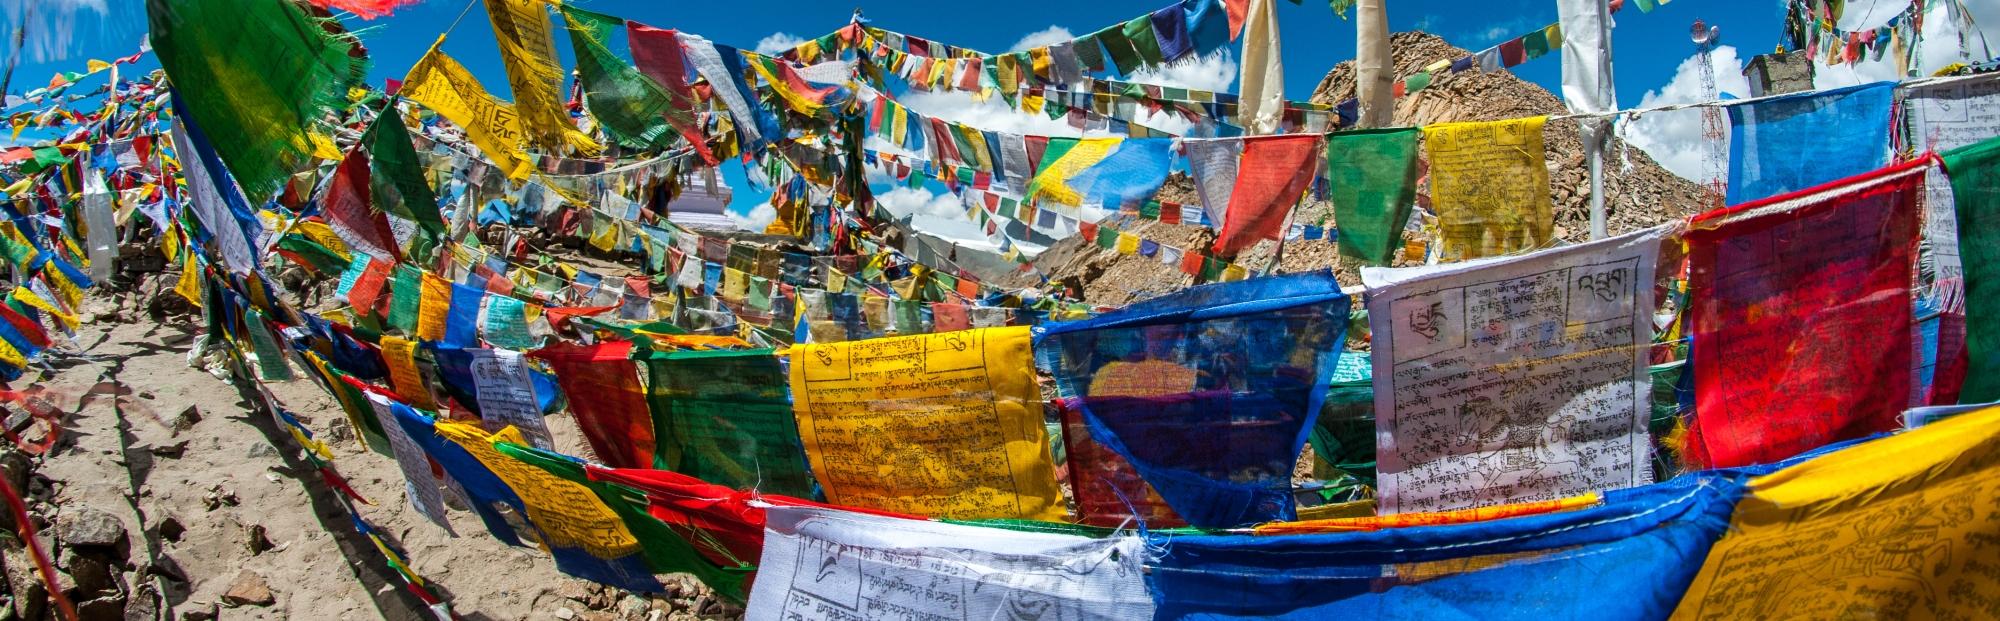 Banderas tibetanas lung ta Mediviatges